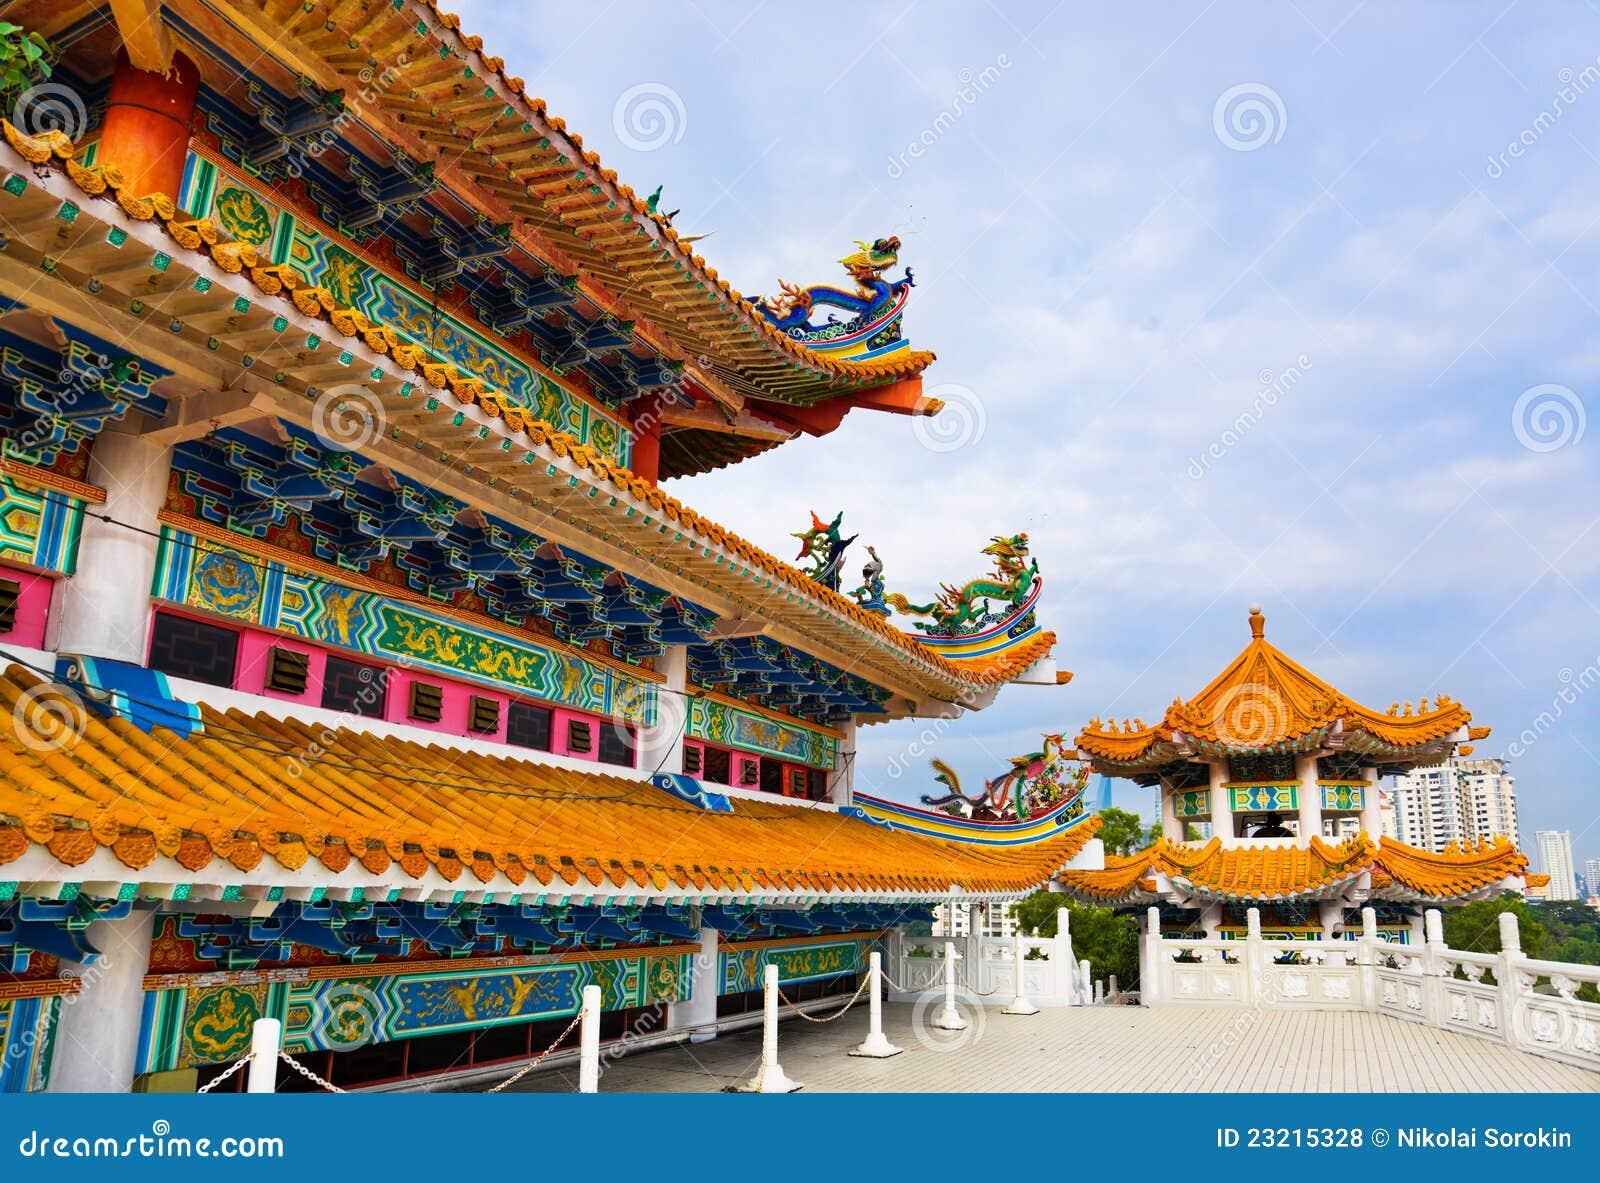 Thean Hou Tempel in Kuala Lumpur Malaysia